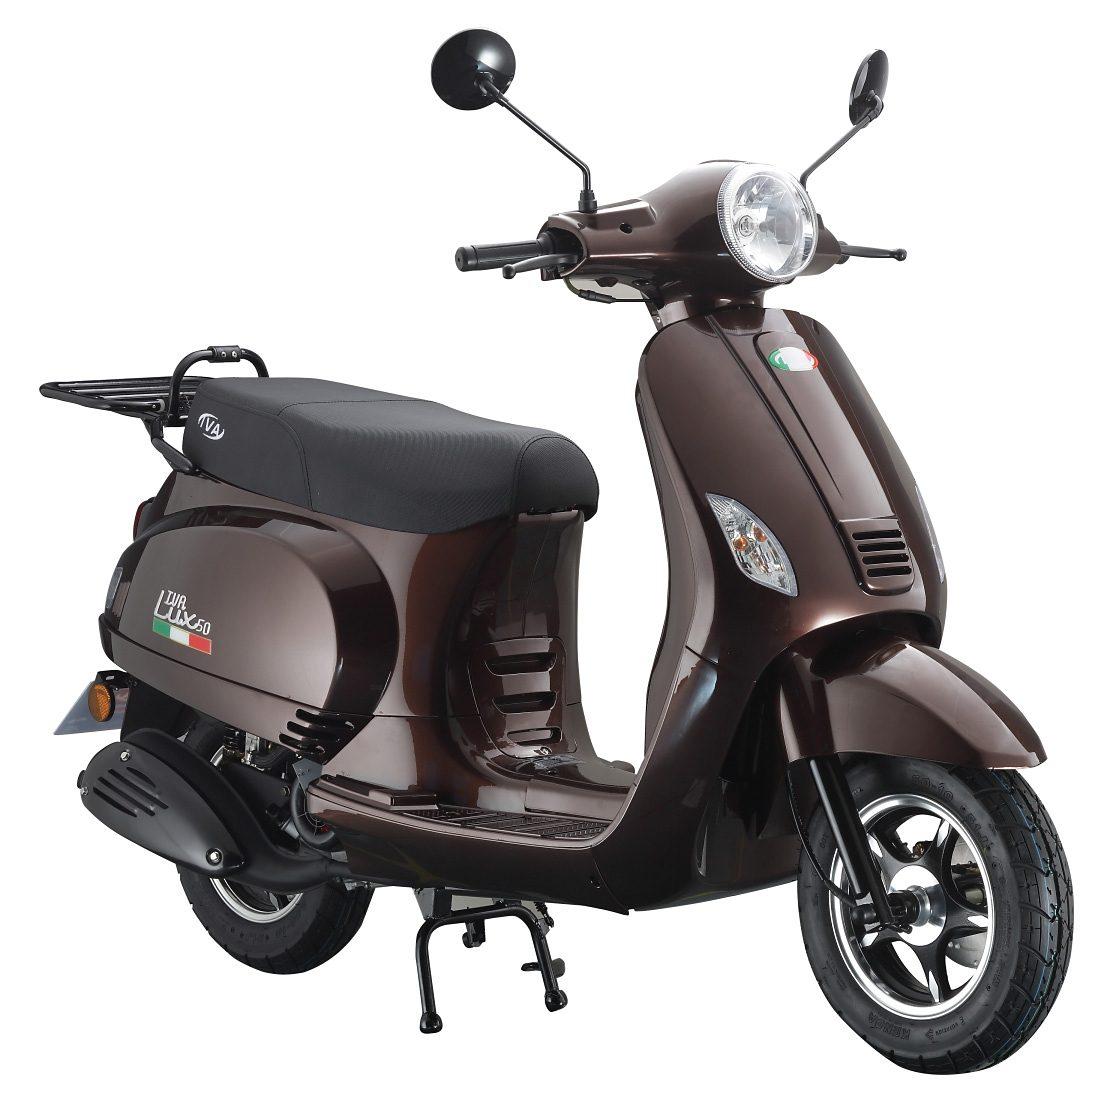 Motorroller, 50 ccm, 3 PS, 45 km/h, für 2 Personen, aubergine, »LUX«, IVA